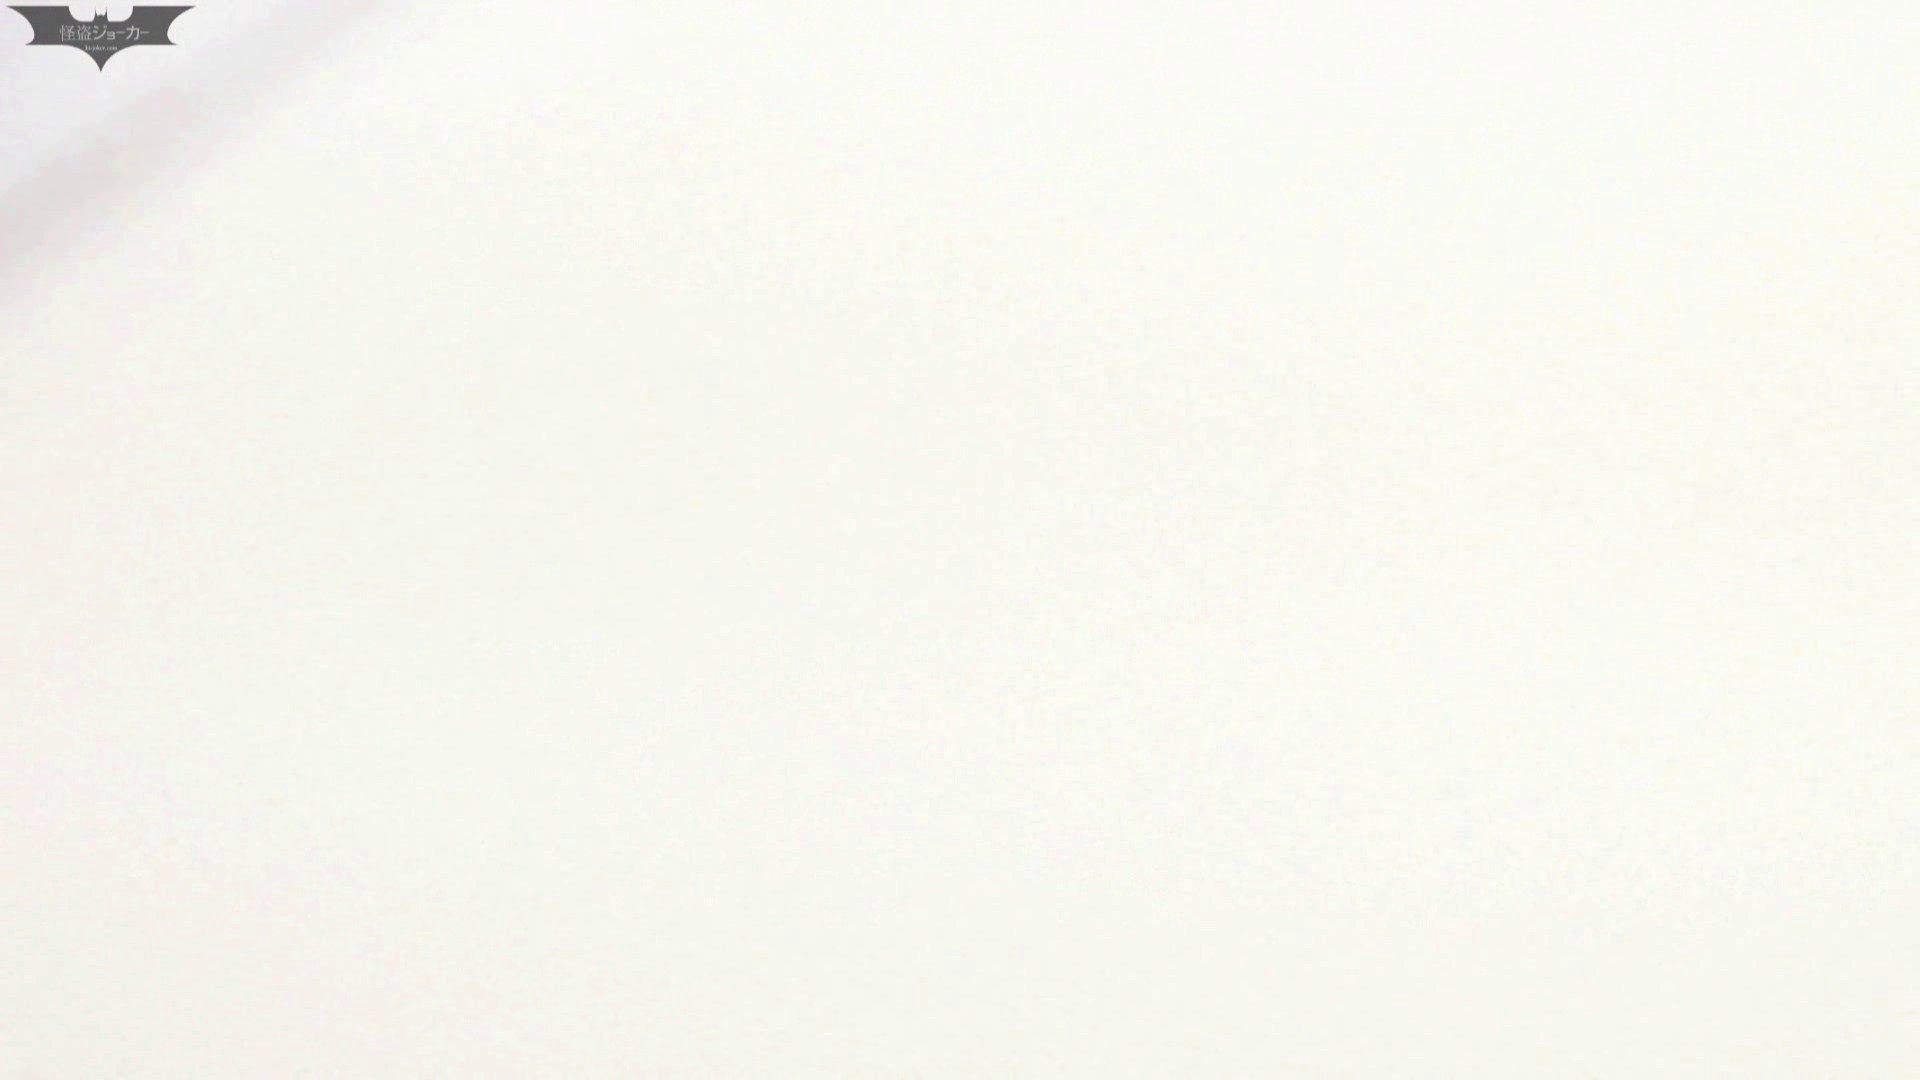 お銀 vol.68 無謀に通路に飛び出て一番明るいフロント撮り実現、見所満載 ギャル達  77枚 21